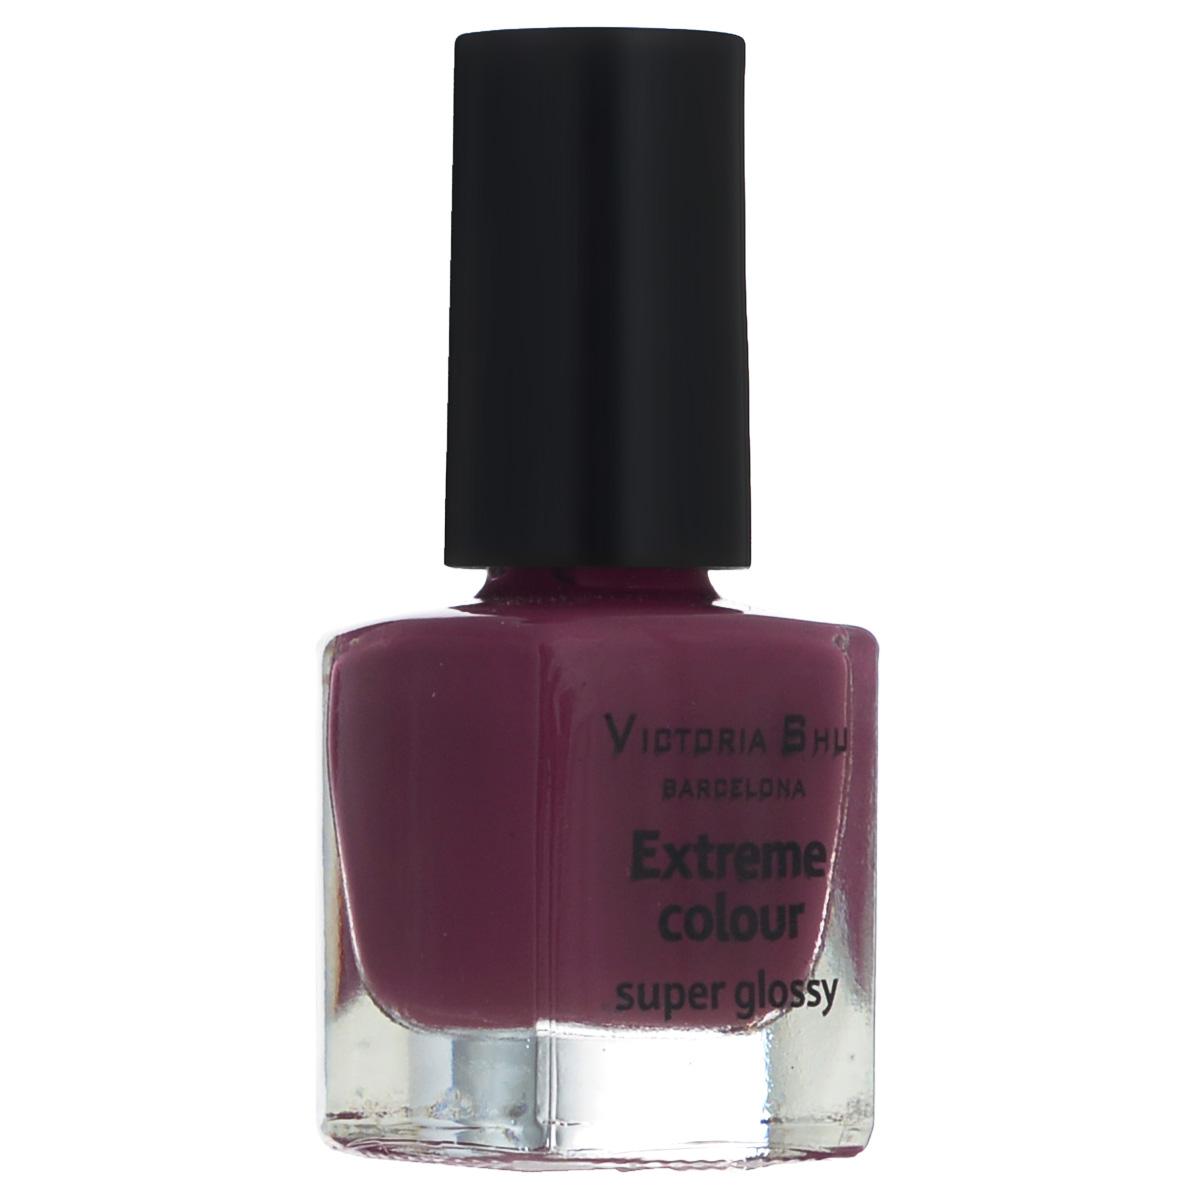 Victoria Shu Лак для ногтей Extreme Colour, тон № 258, 6 мл775V15355EXTREME COLOUR от VICTORIA SHU – это 35 ярких, смелых, соблазнительных оттенков. Модный тренд – матовая, насыщенная текстура. Любые цвета – на любой вкус, от нежных пастельных, интенсивных супермодных оранжевых, лиловых и оттенков фуксии до сенсационных красного и черного.